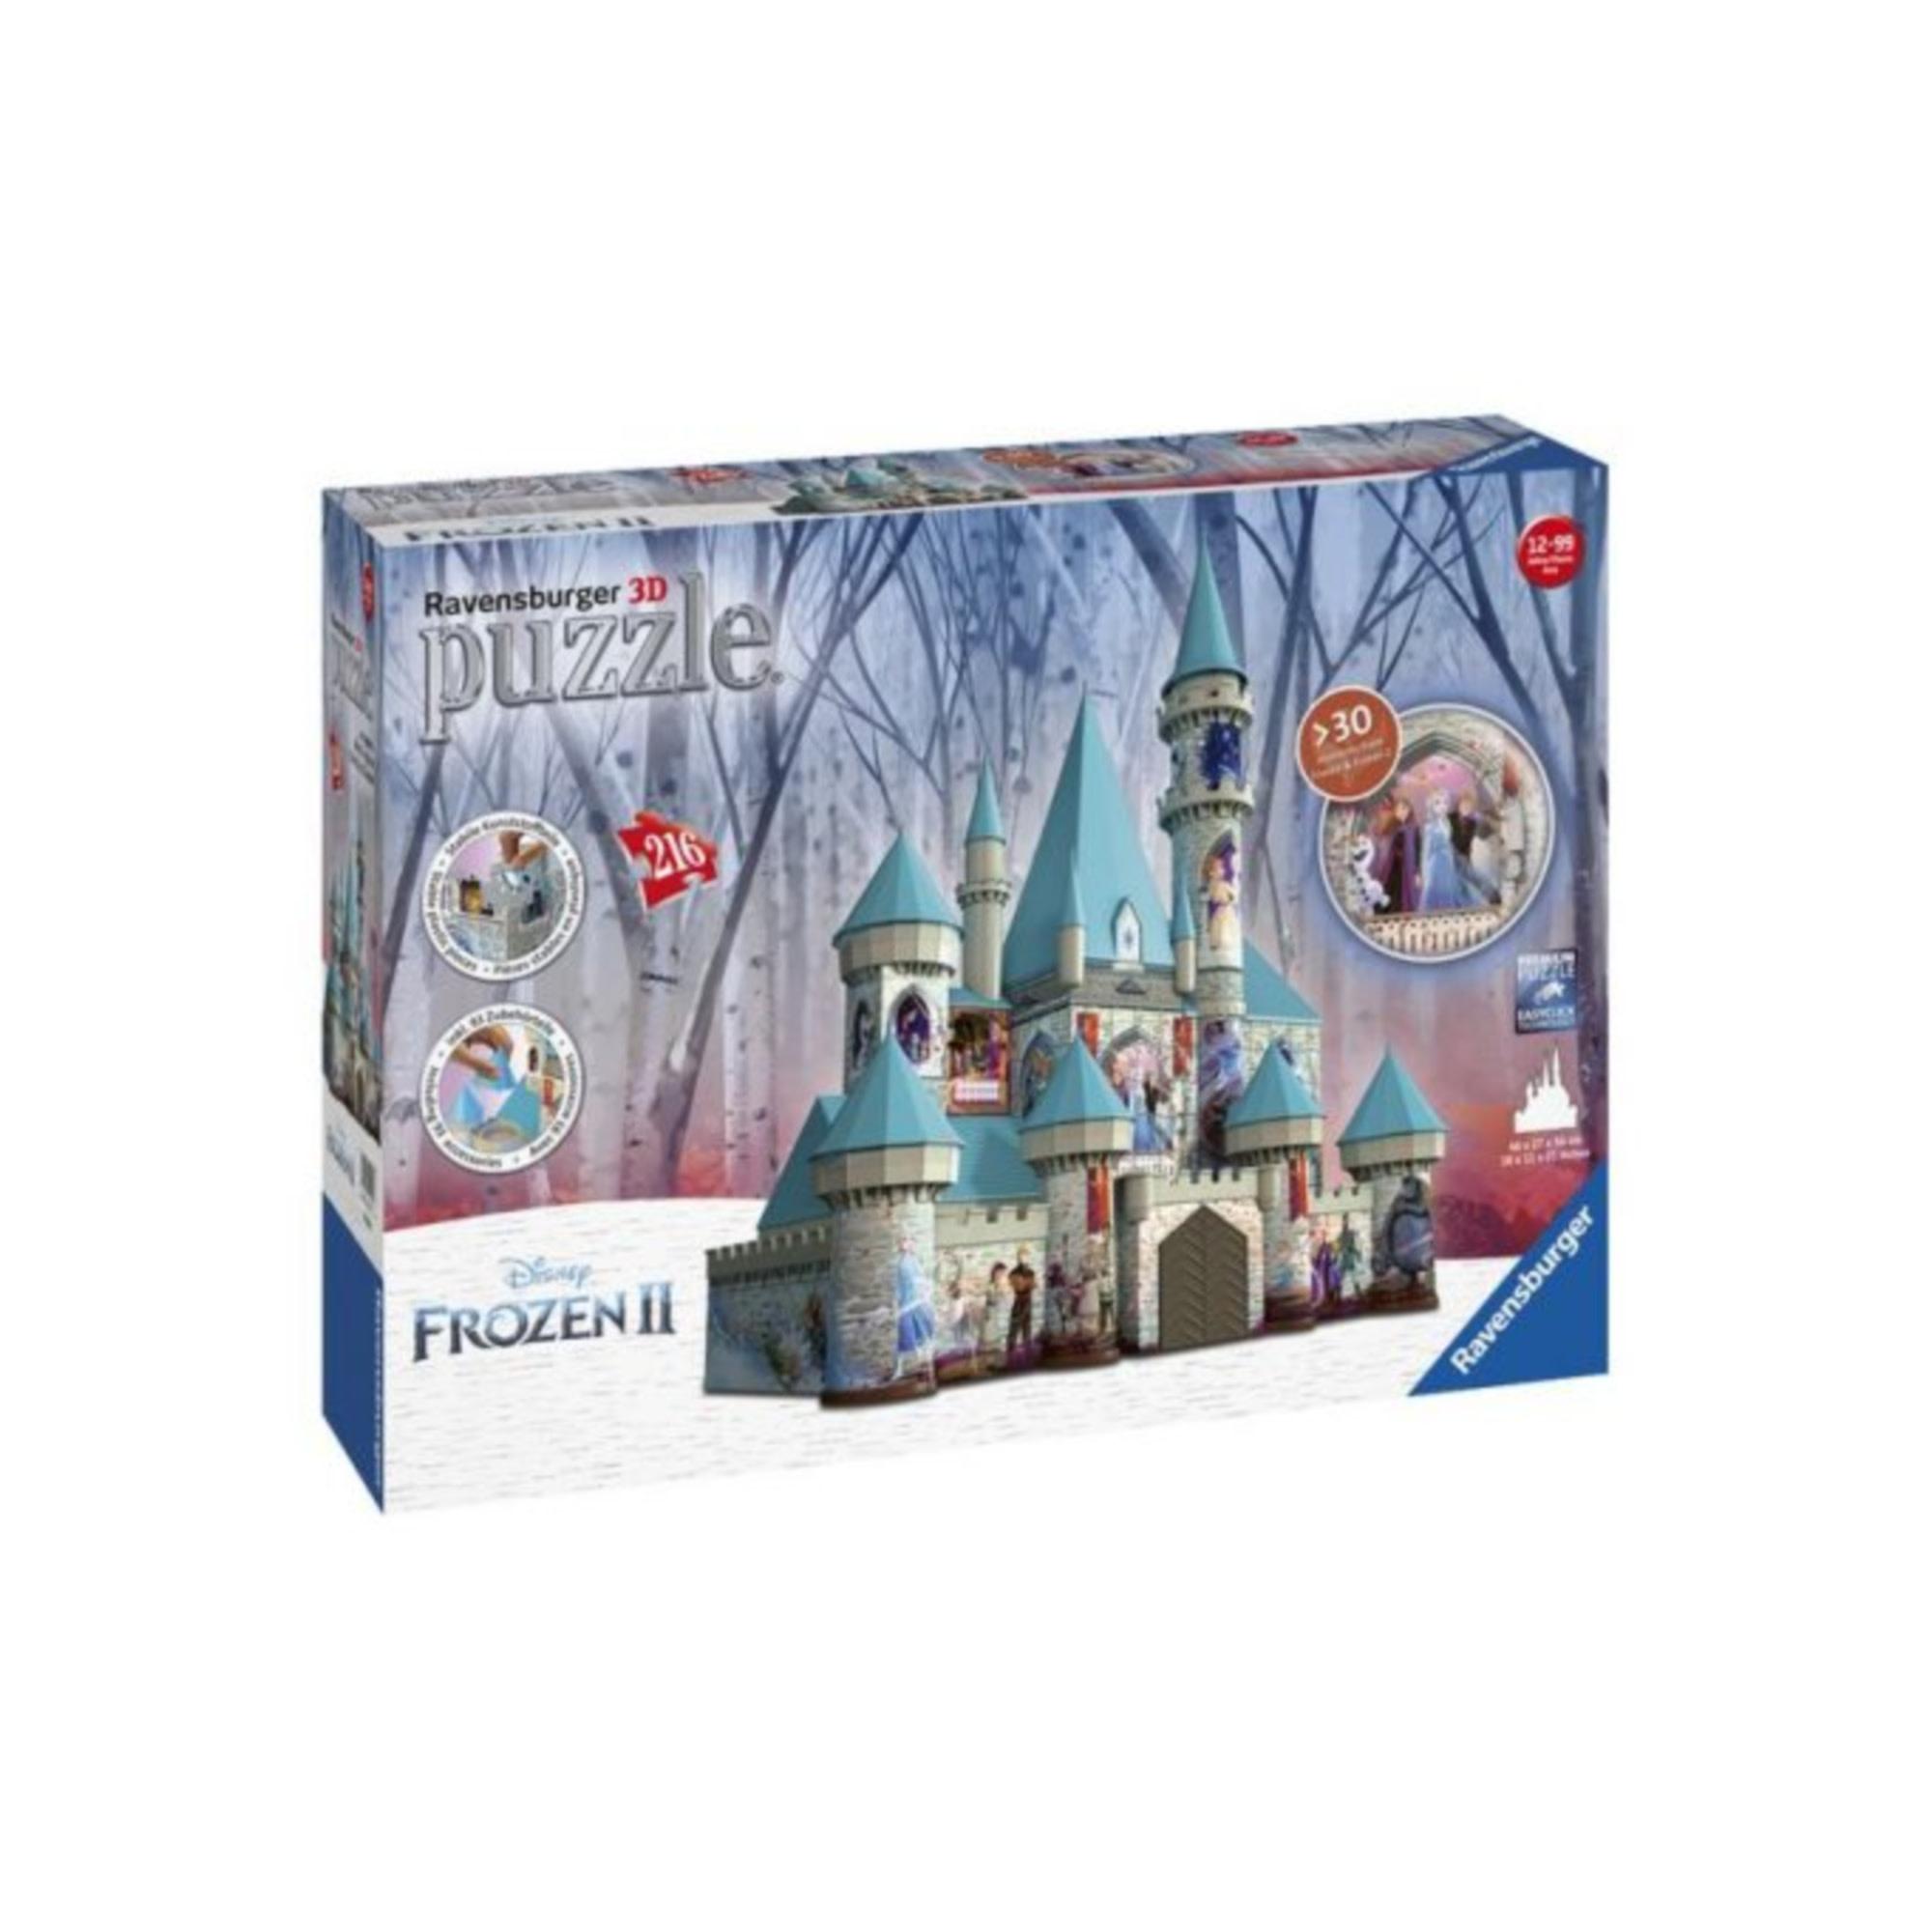 Ravensburger Puzzle 3D 216: Frozen II